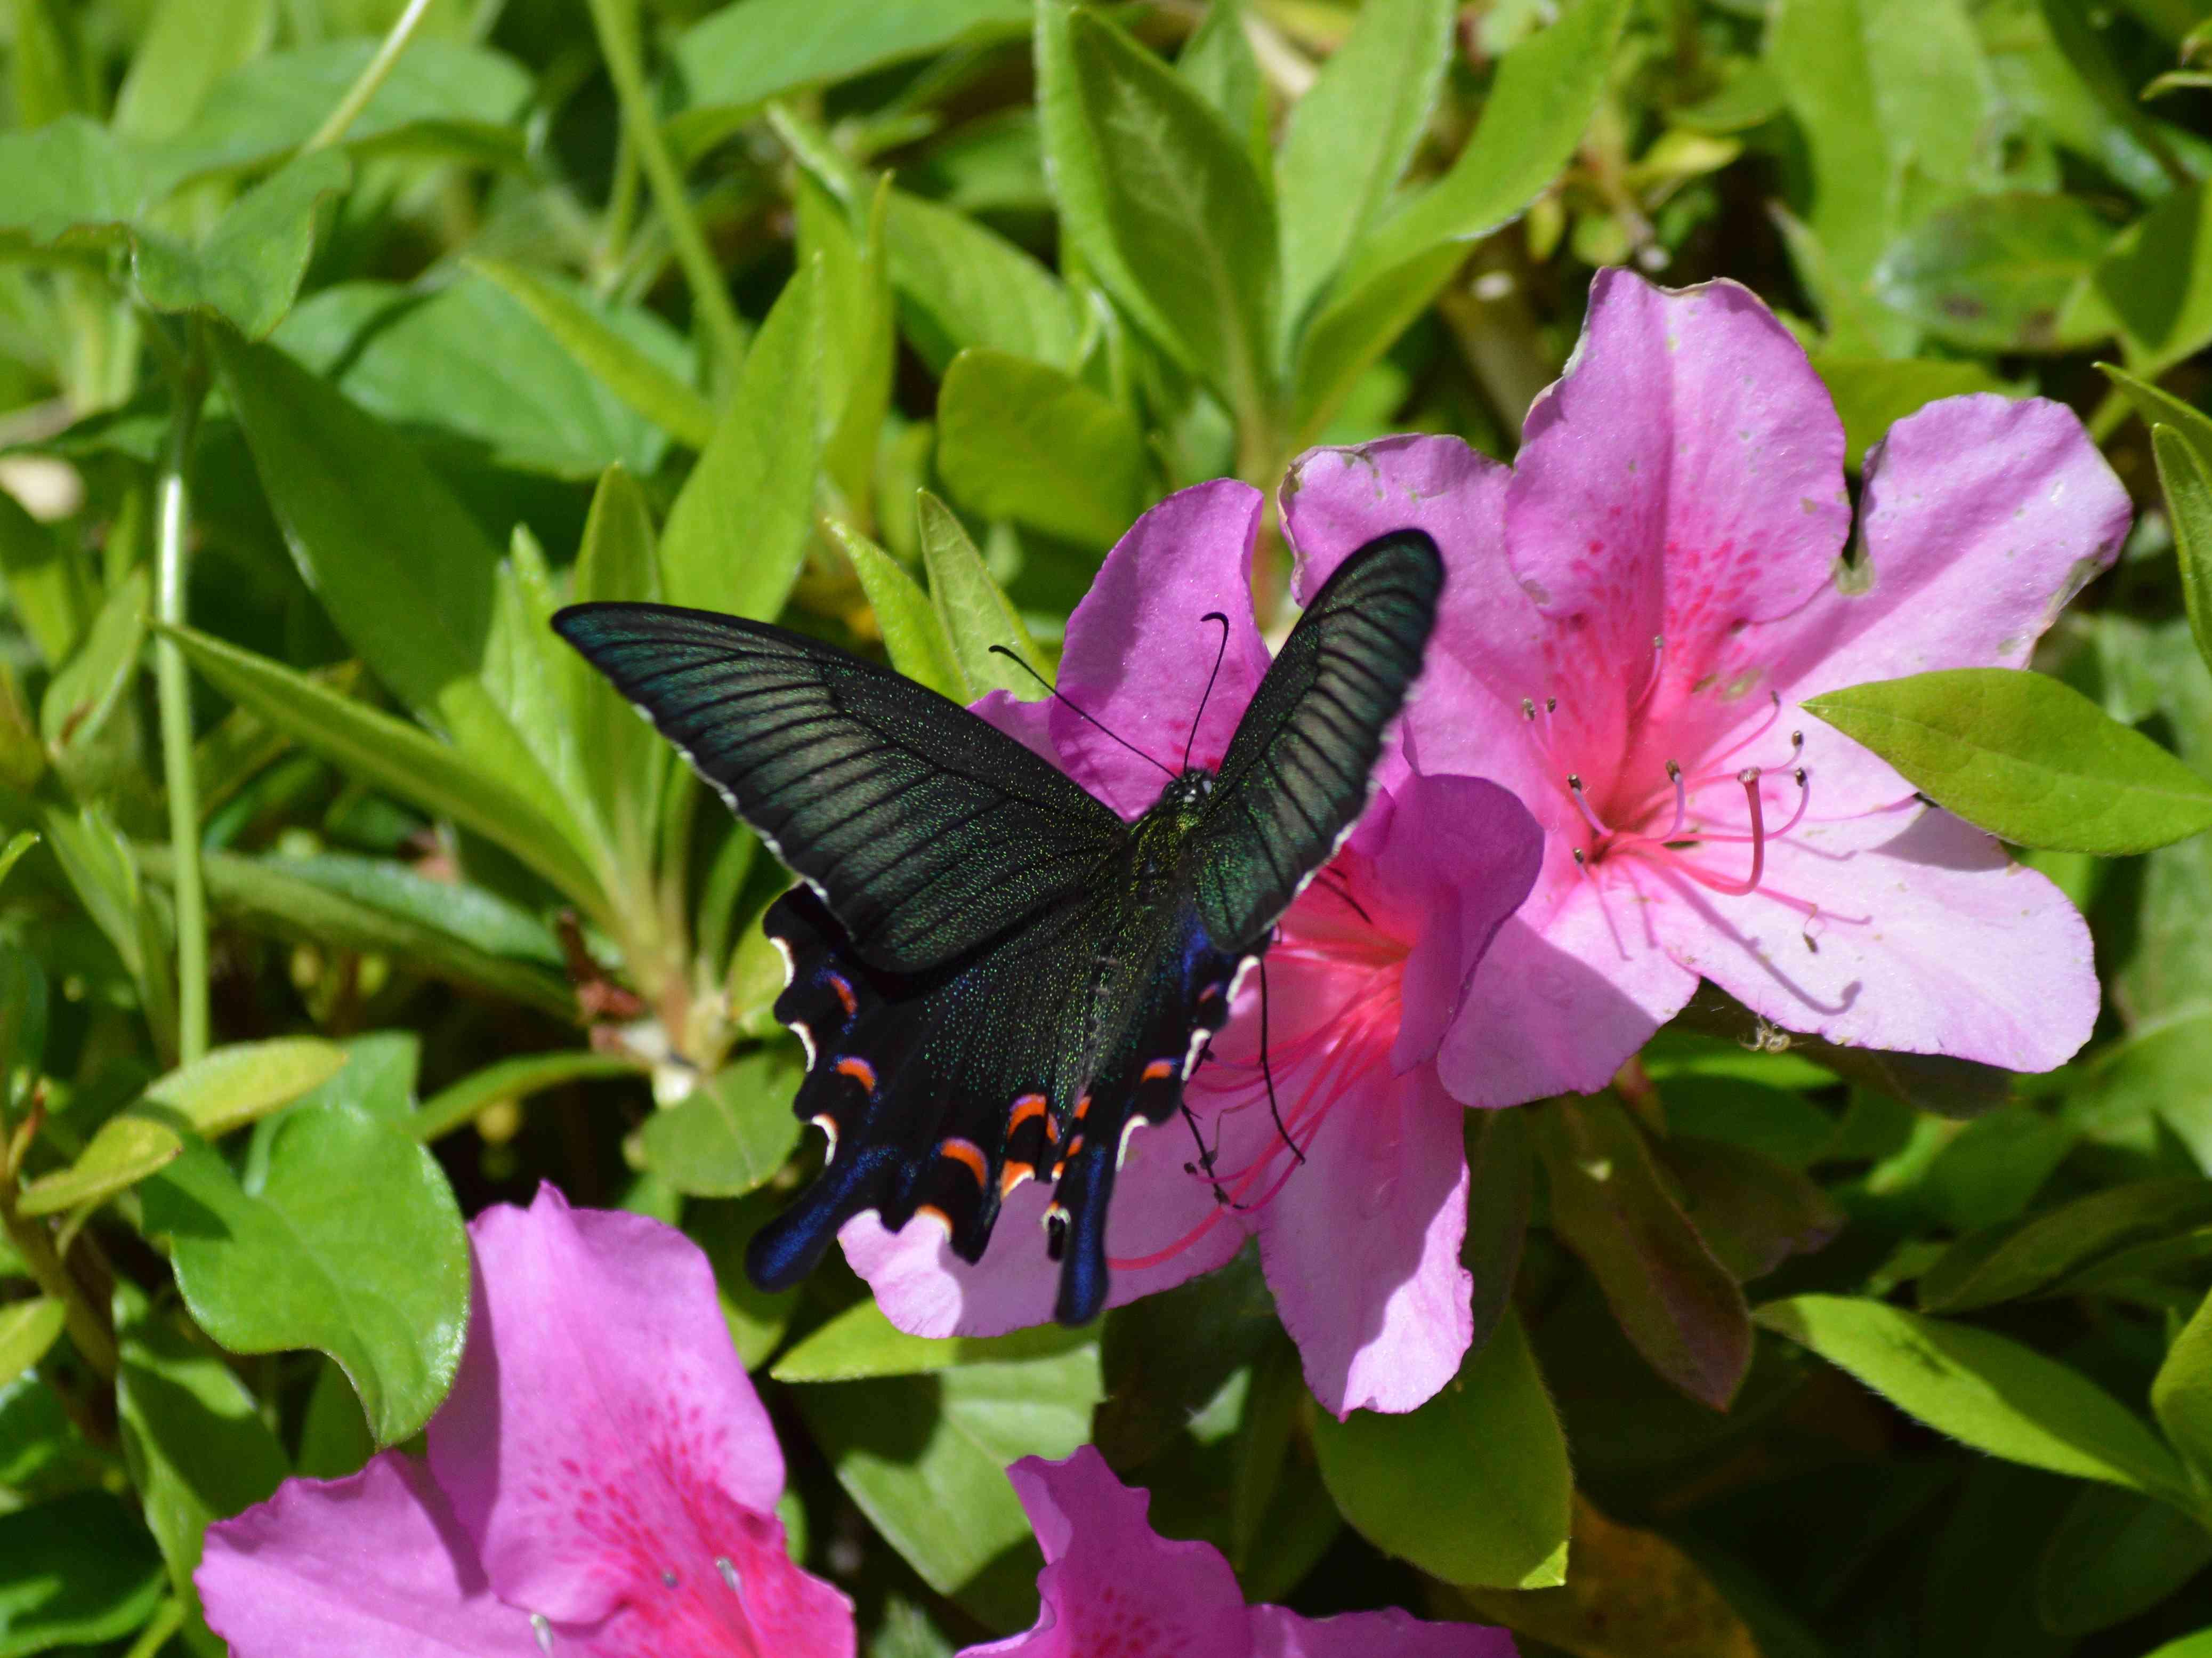 カラスアゲハ 5月6日近くの公園にて_d0254540_18395282.jpg